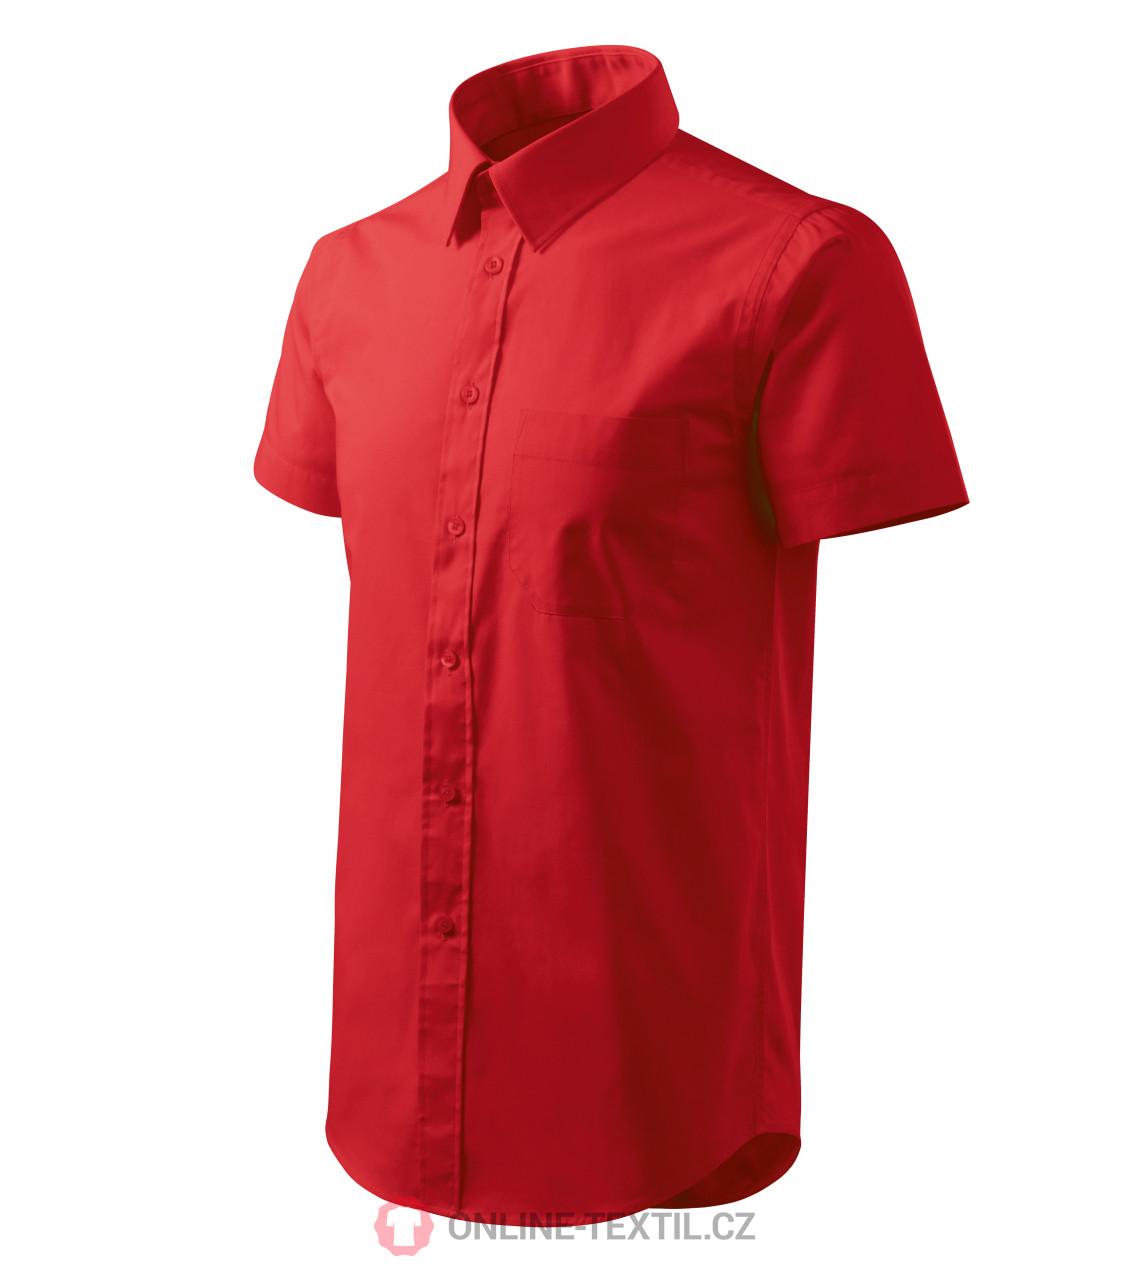 cb5d122f56c7 ADLER CZECH Pánska košeľa Chic s krátkym rukávom 207 - červená z ...